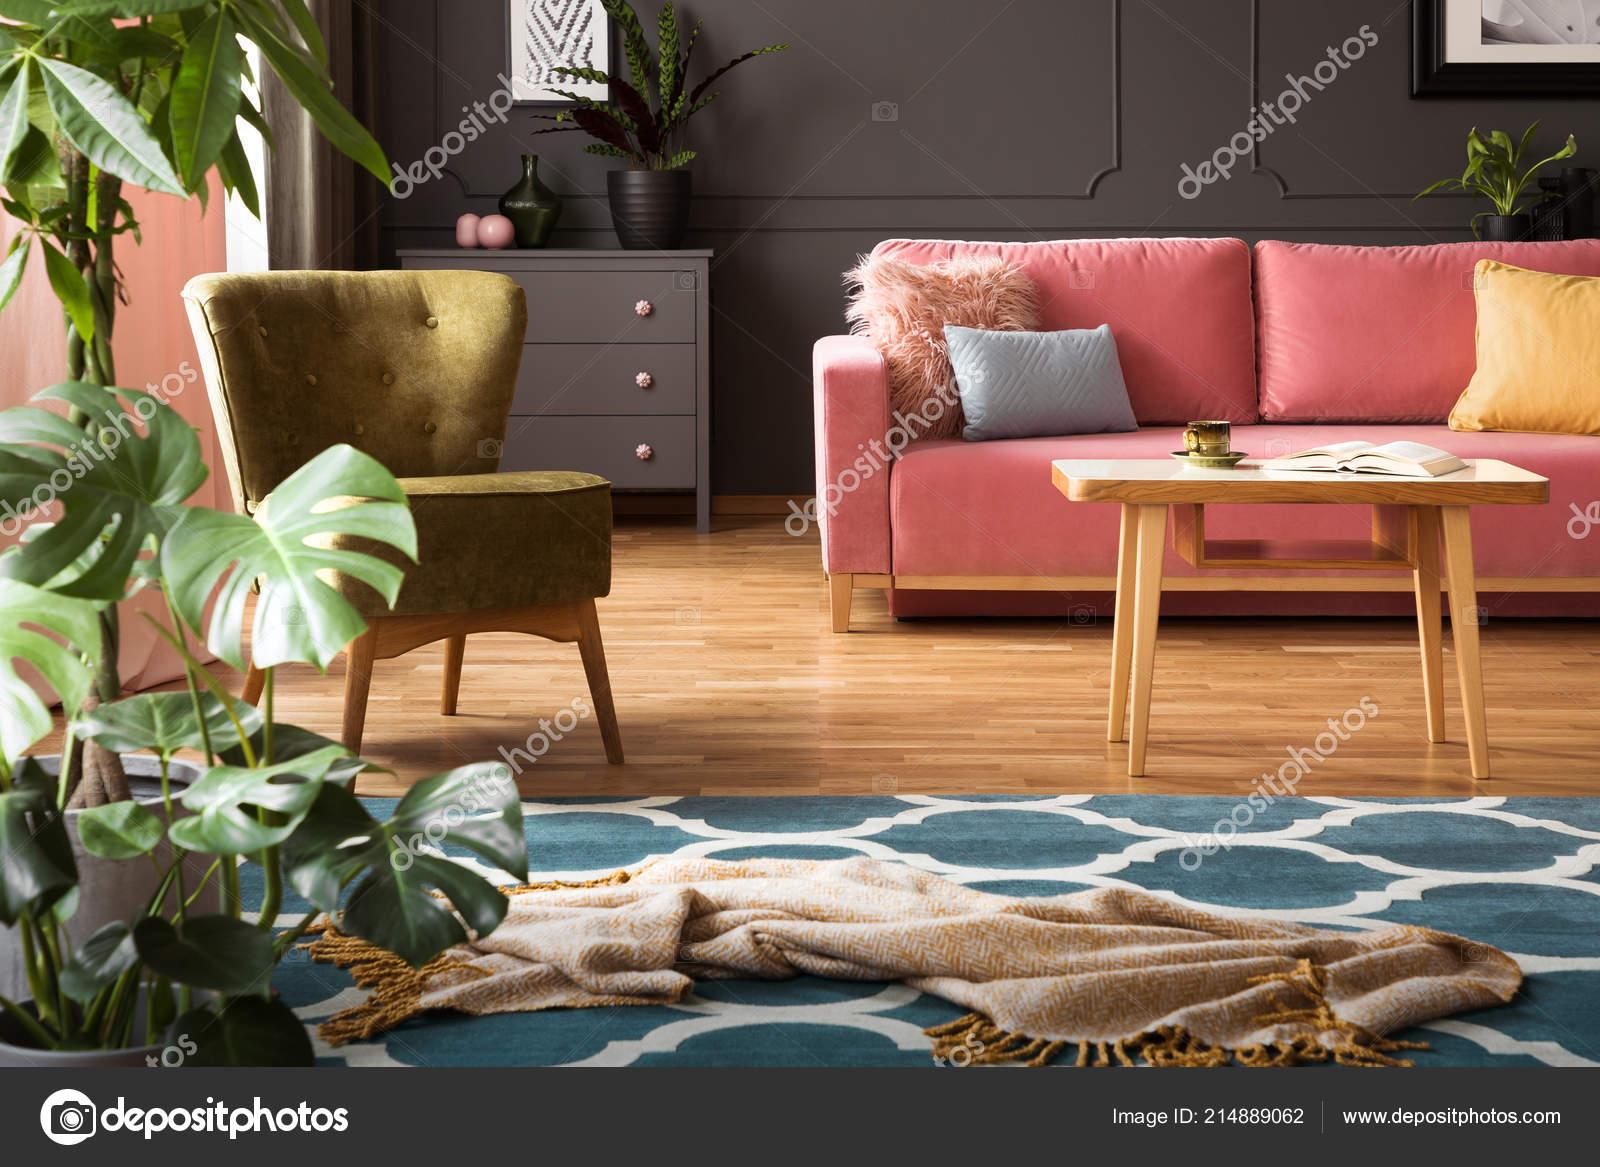 Echtes Foto Von Decke Platziert Auf Marokkanische Spalier Teppich ...